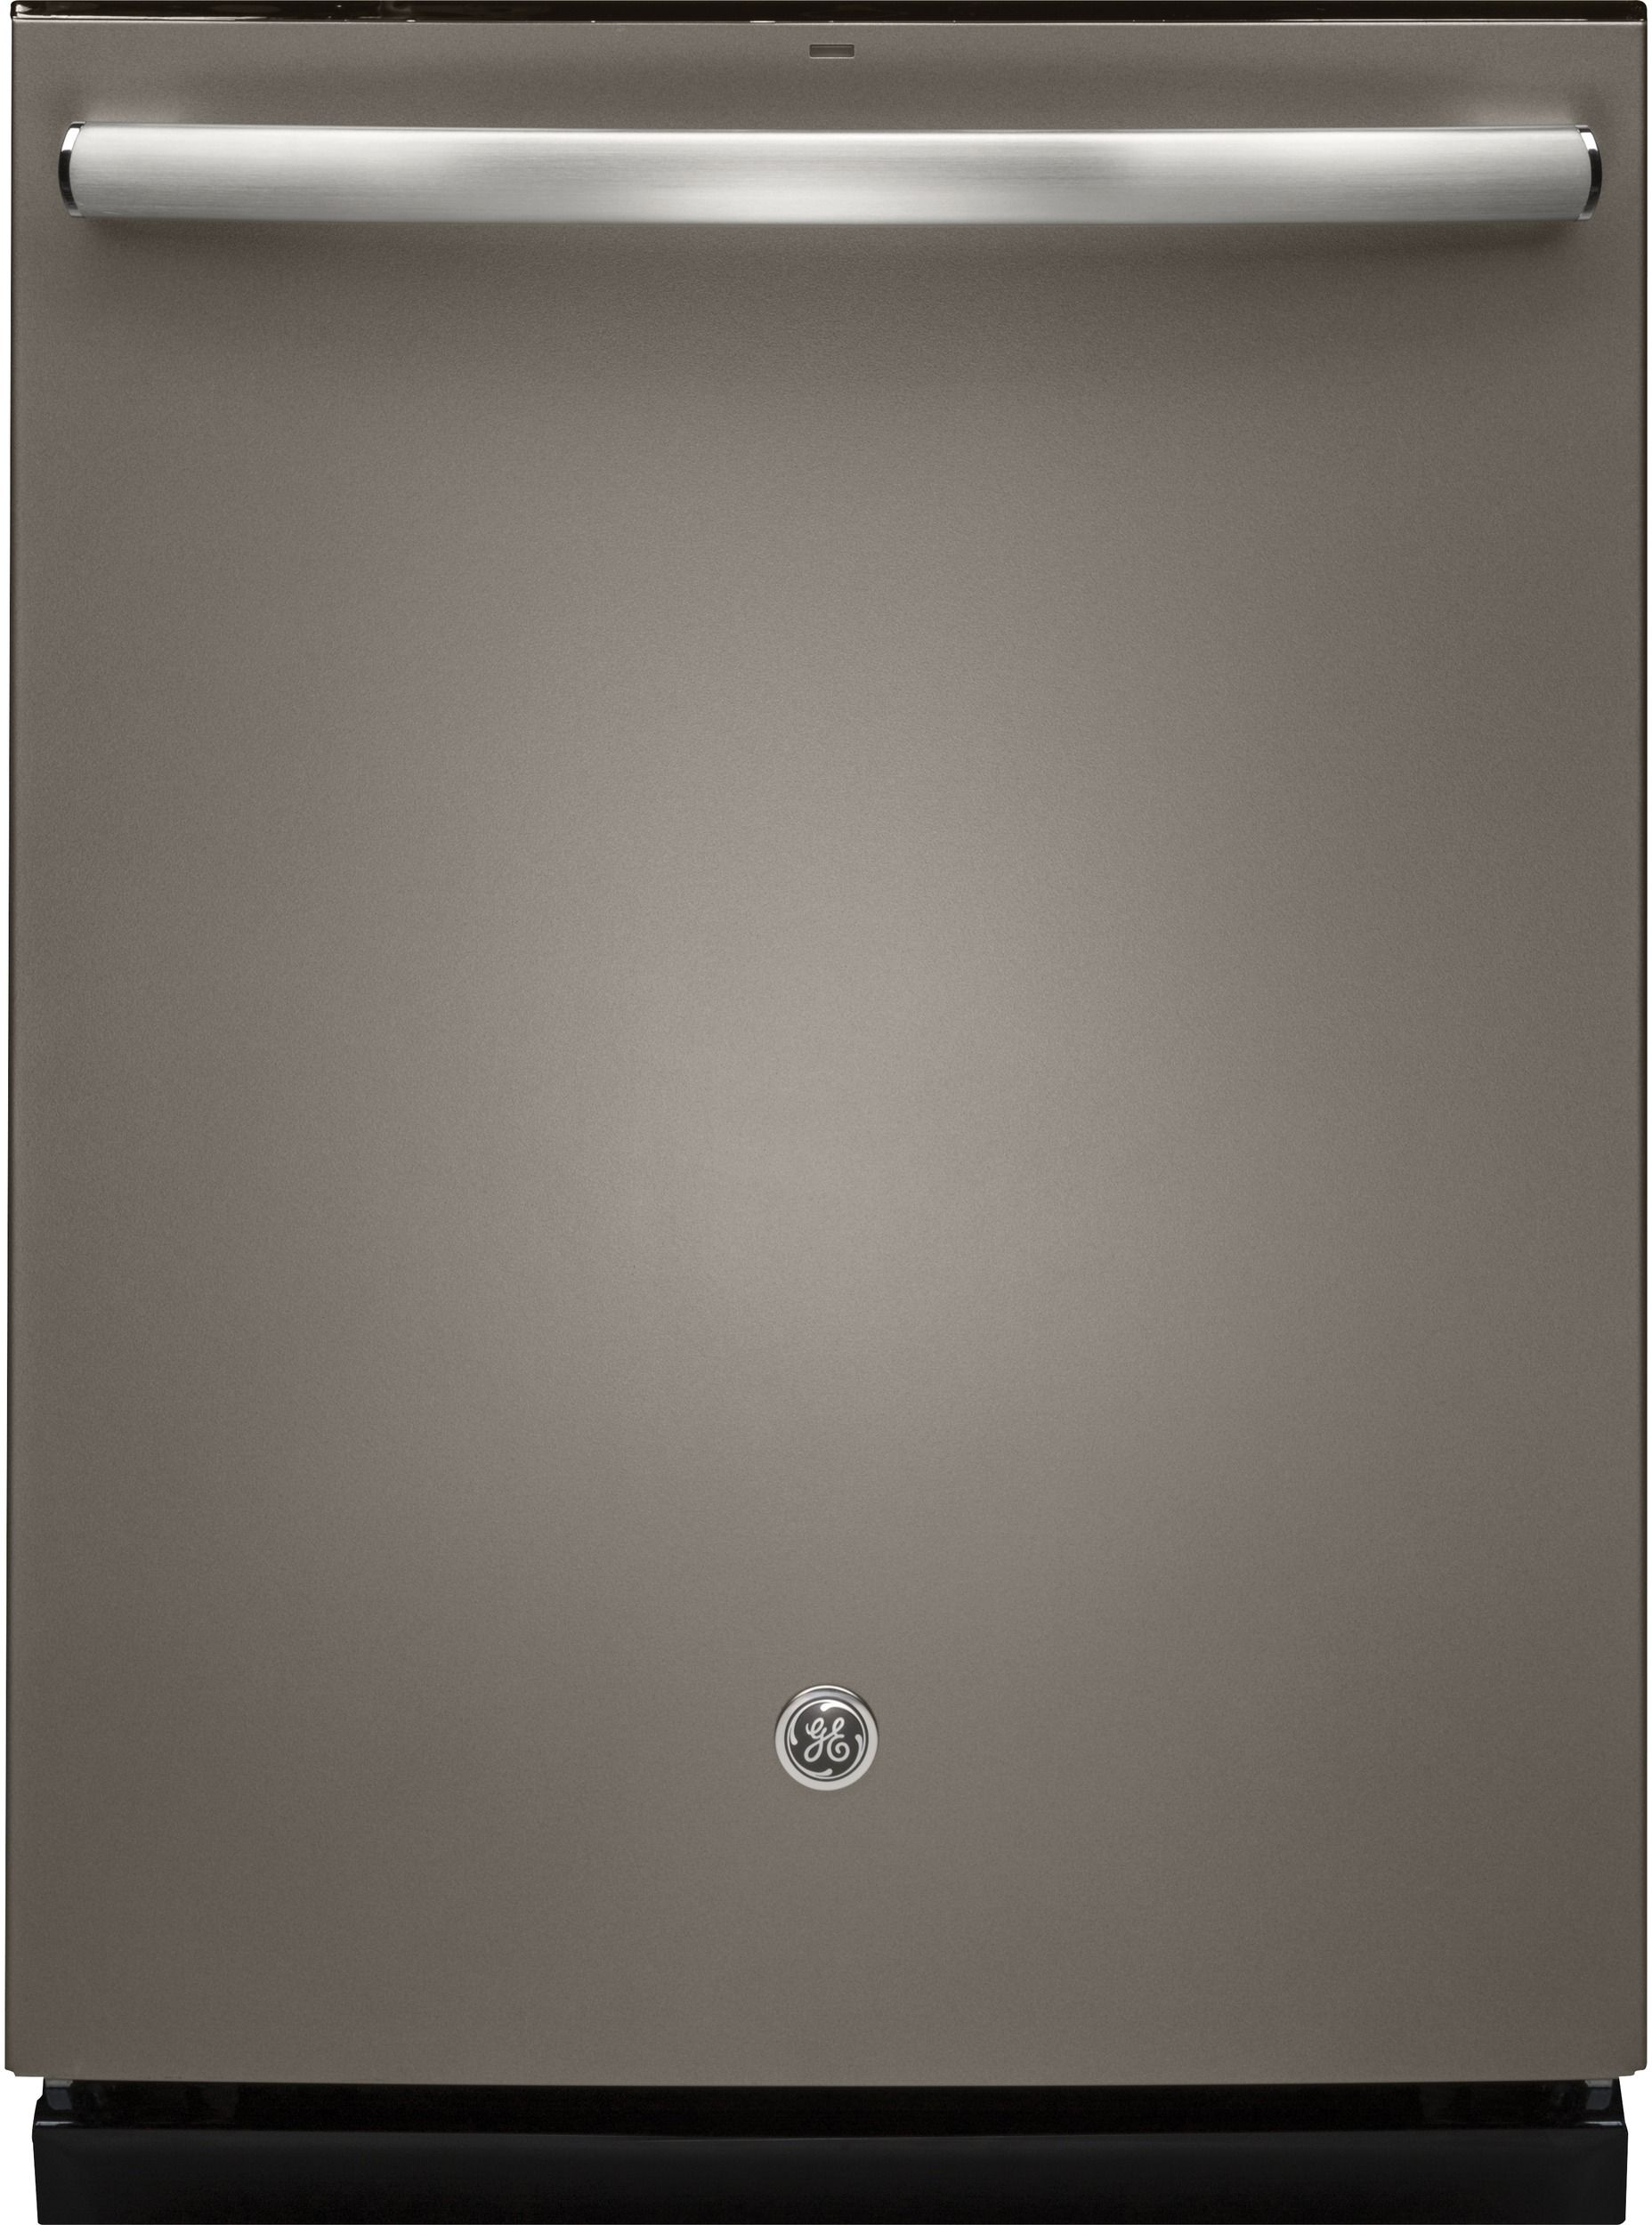 Dishwasher Wiring Diagram In Addition Ge Quiet Power 3 Dishwasher